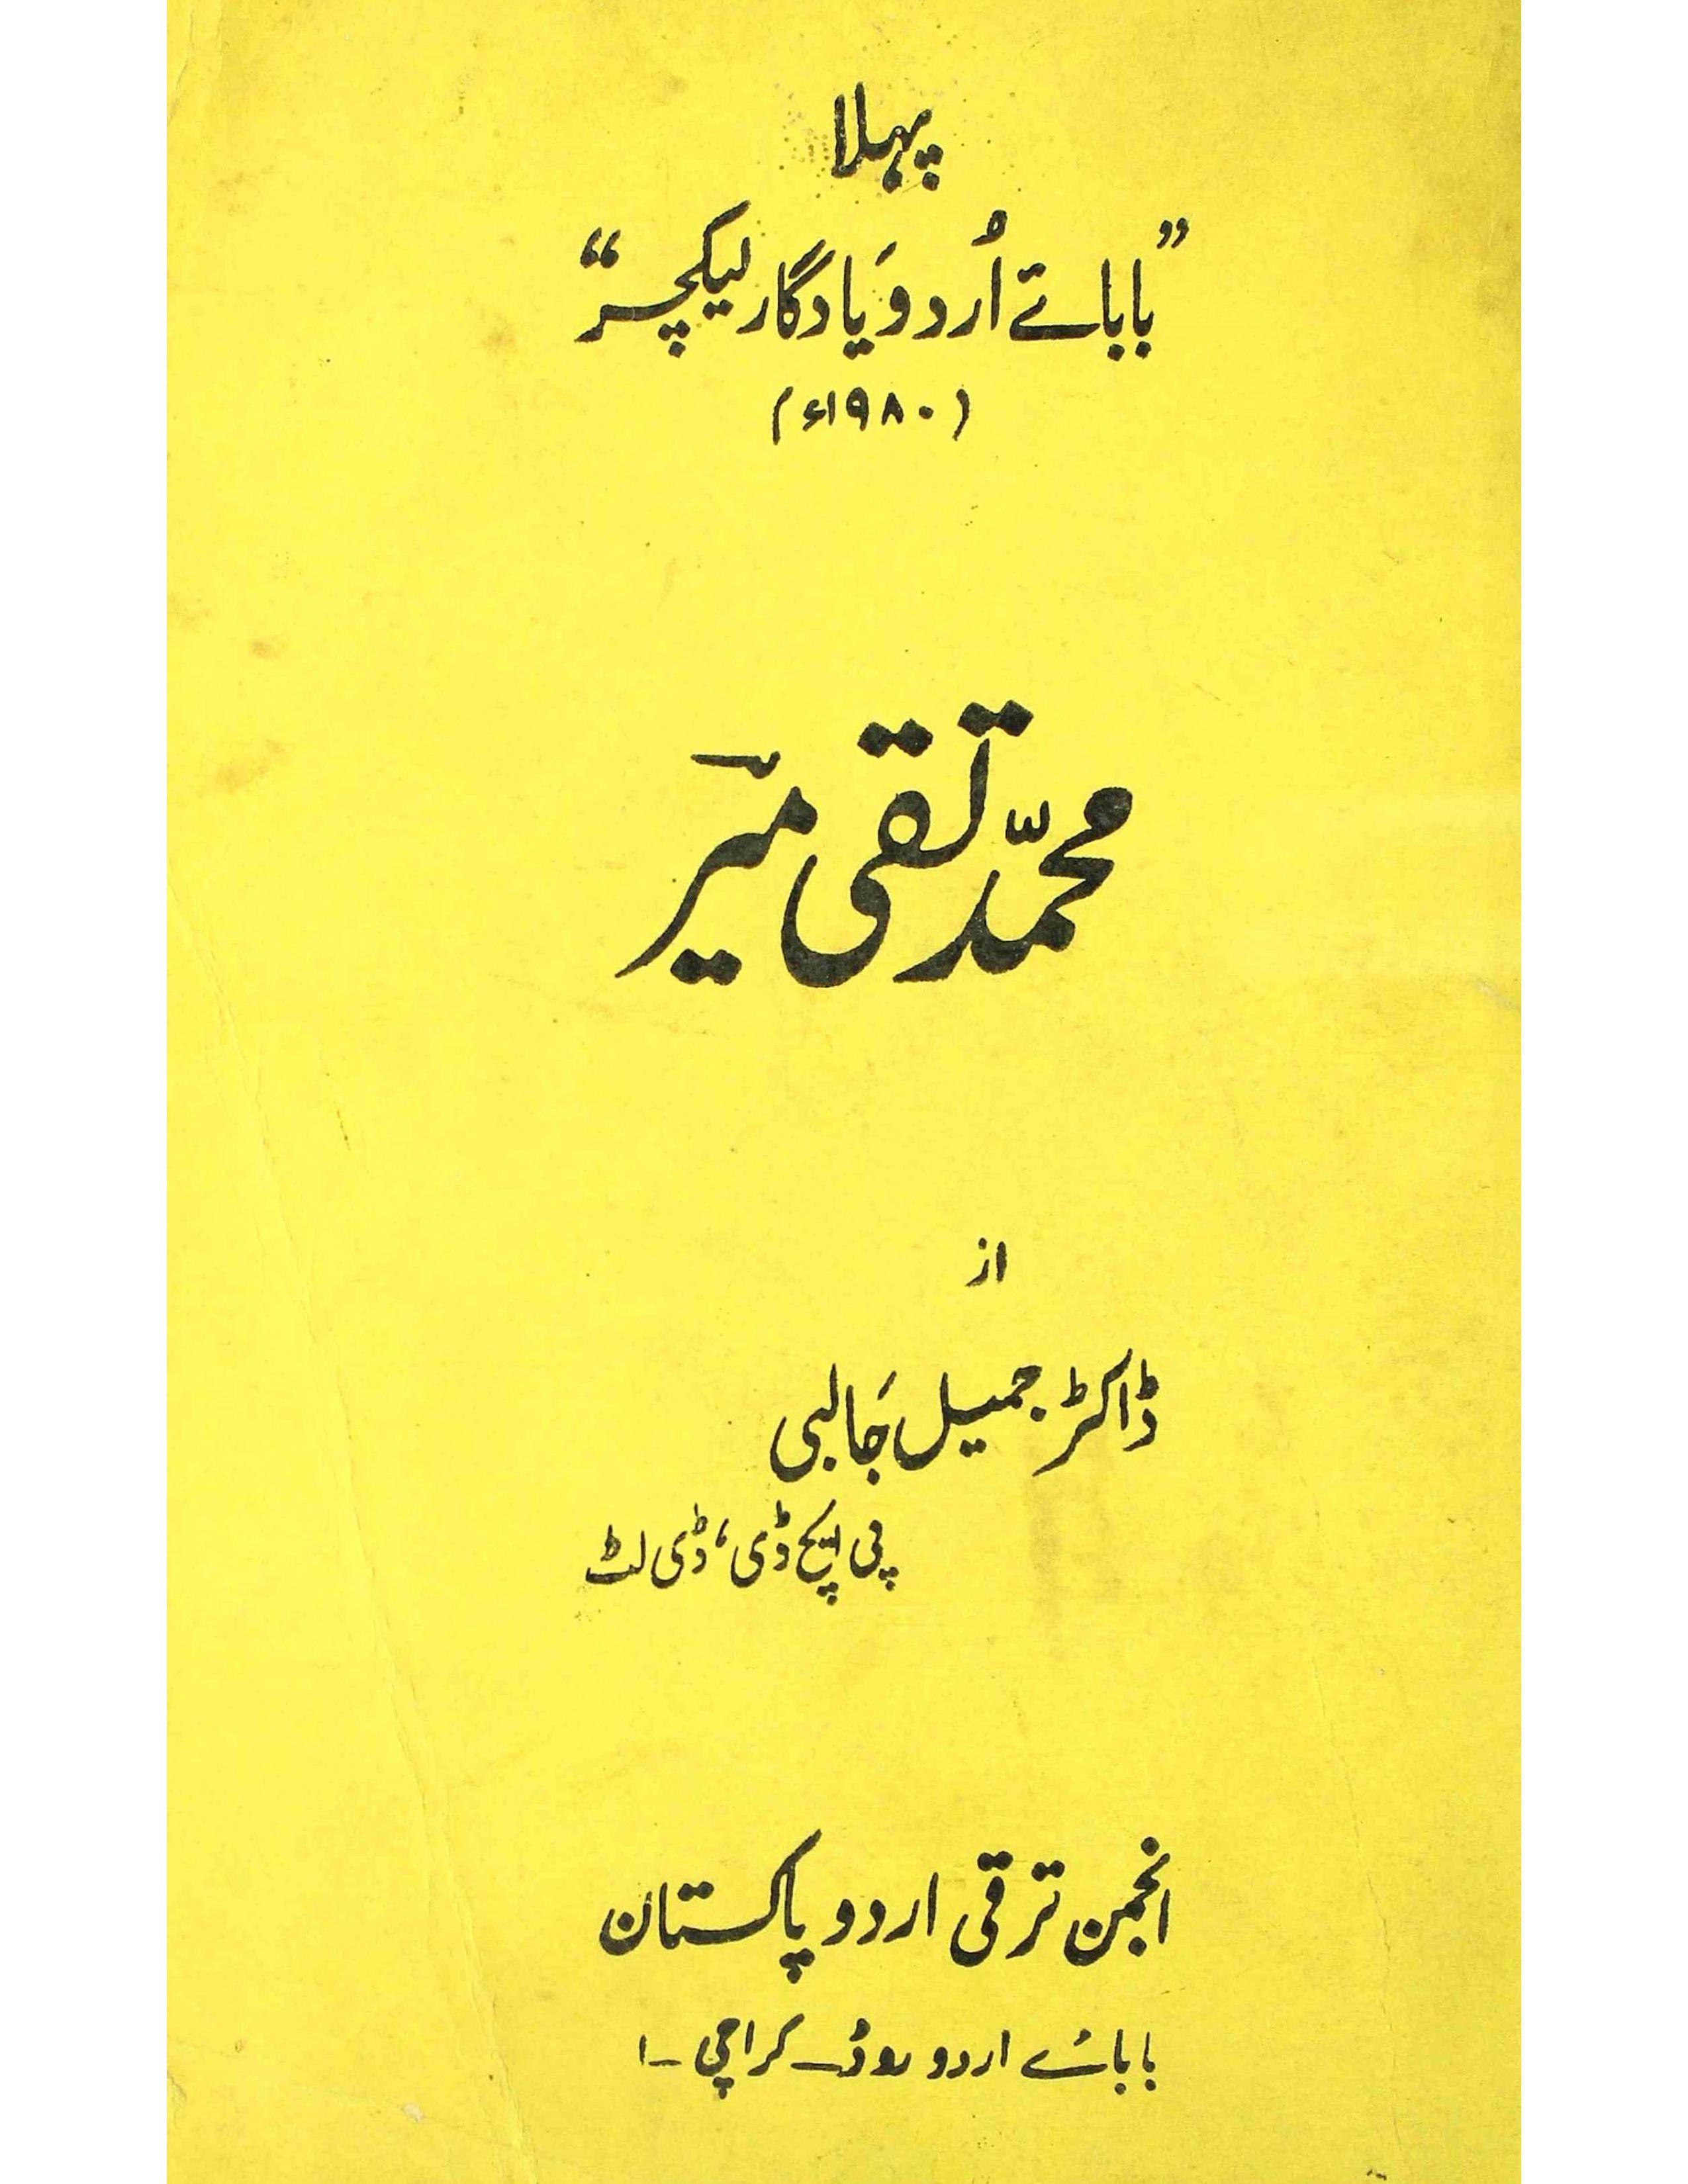 Mohammad Taqi Meer